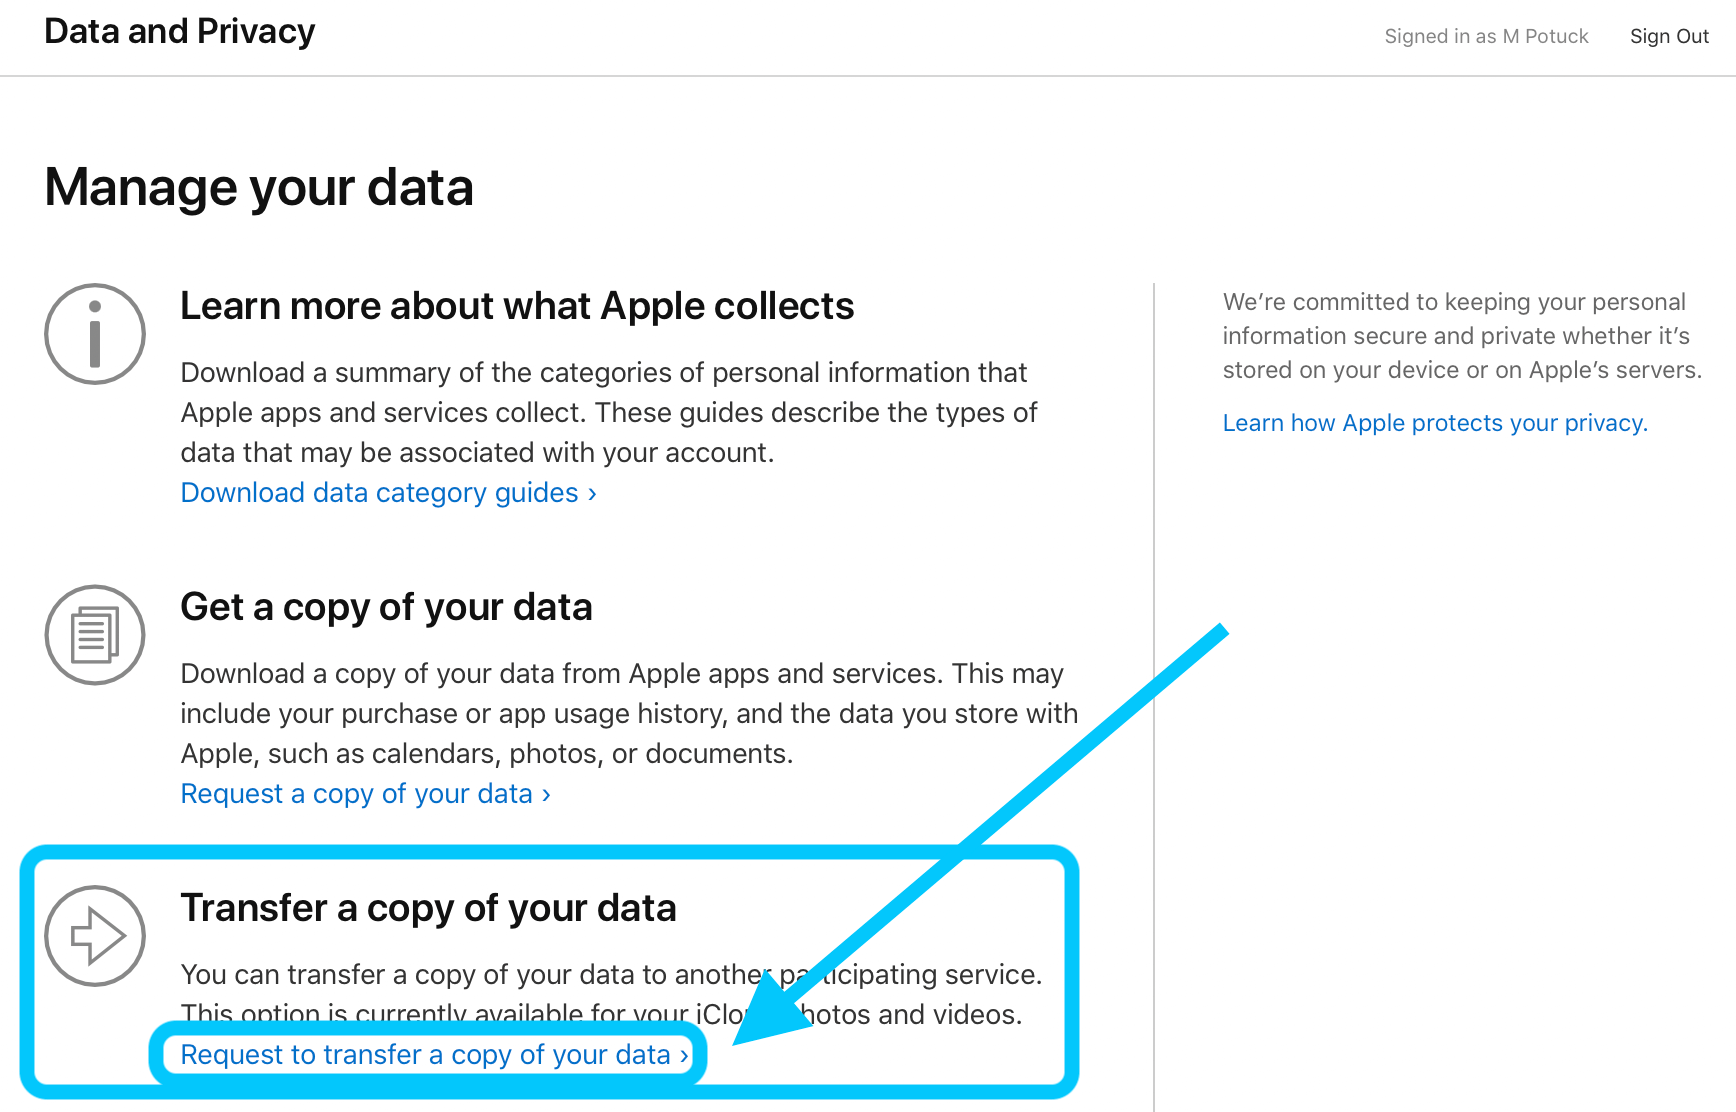 كيفية نقل الصور إلى google على icloud 1